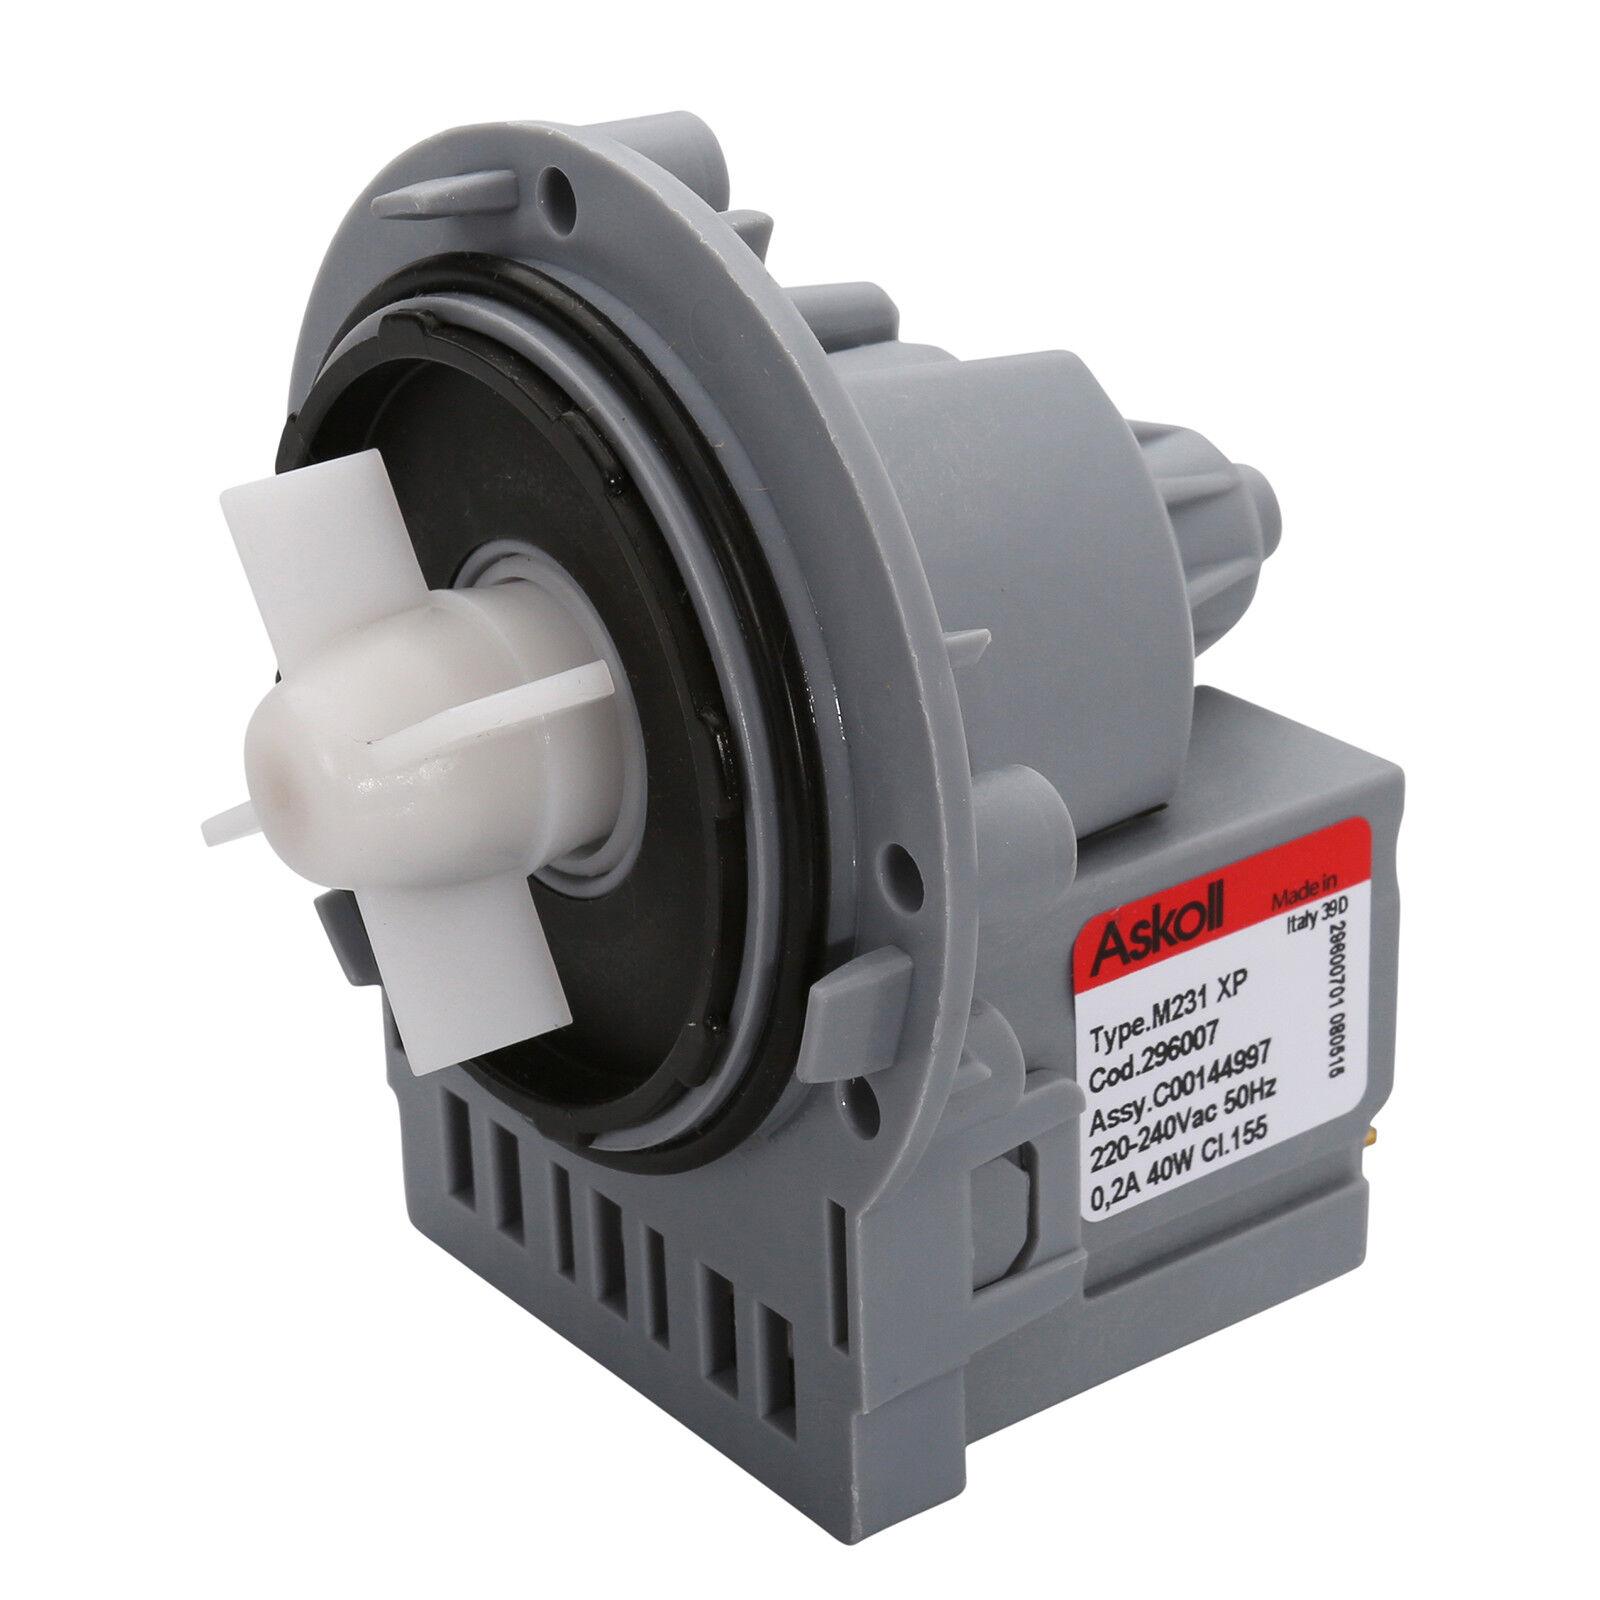 Details about Genuine Samsung Motor Washing Machine M224 M321XP Askoll Pump  40W